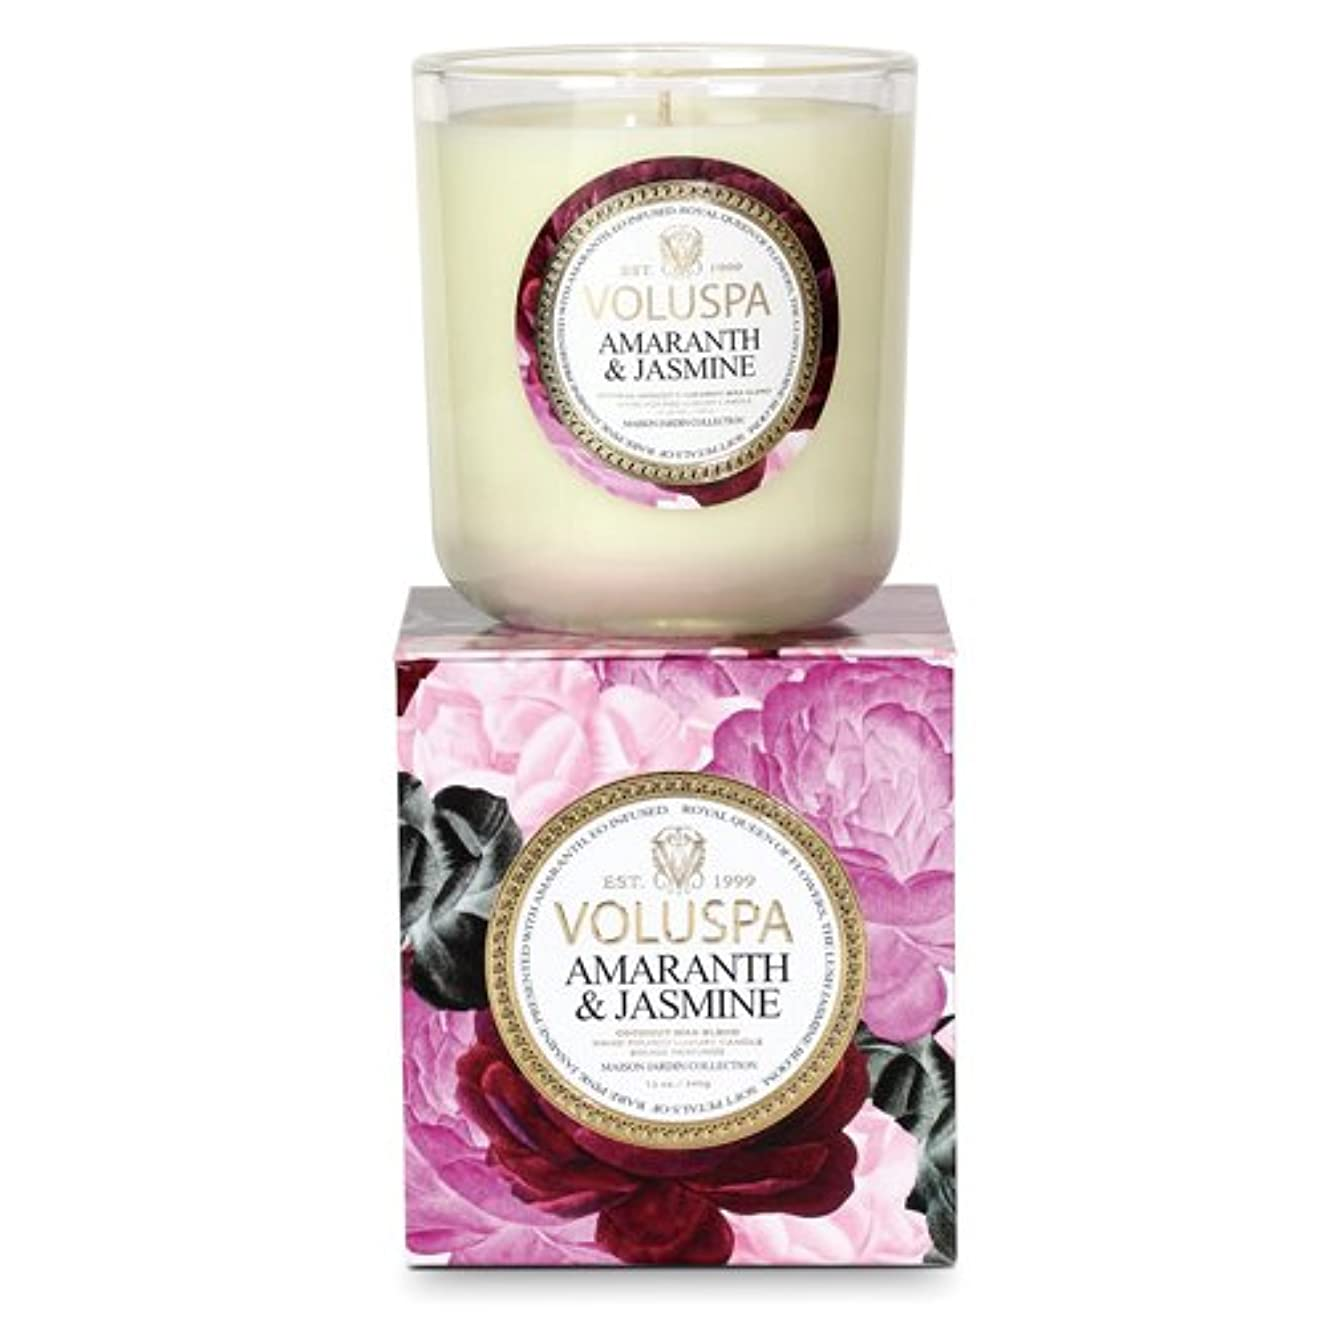 有利日常的に送信するVoluspa ボルスパ メゾンジャルダン ボックス入りグラスキャンドル アマランス&ジャスミン MAISON JARDIN Box Glass Candle AMARANTH & JASMINE